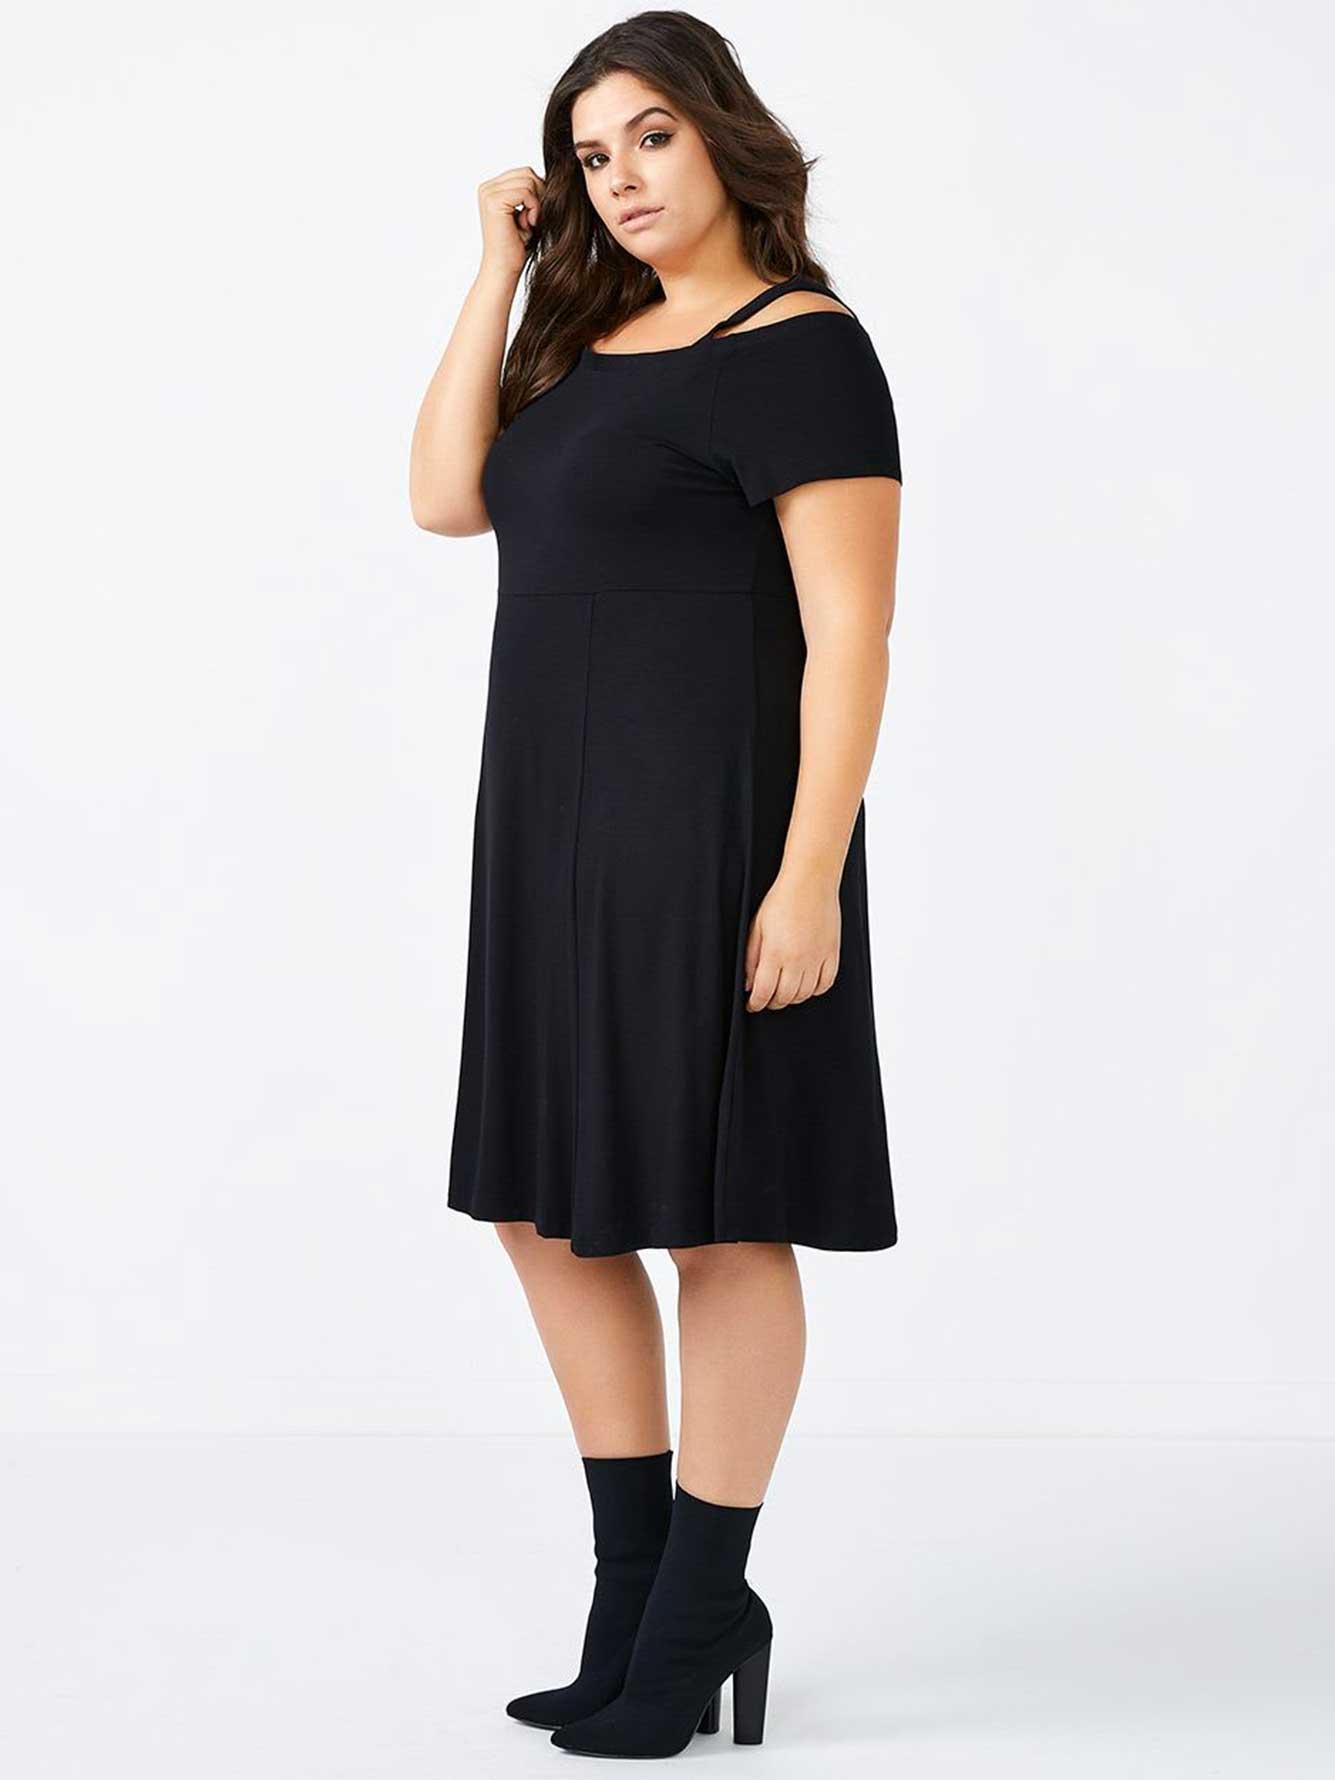 robe noire cintr e et vas e avec manches courtes penningtons. Black Bedroom Furniture Sets. Home Design Ideas